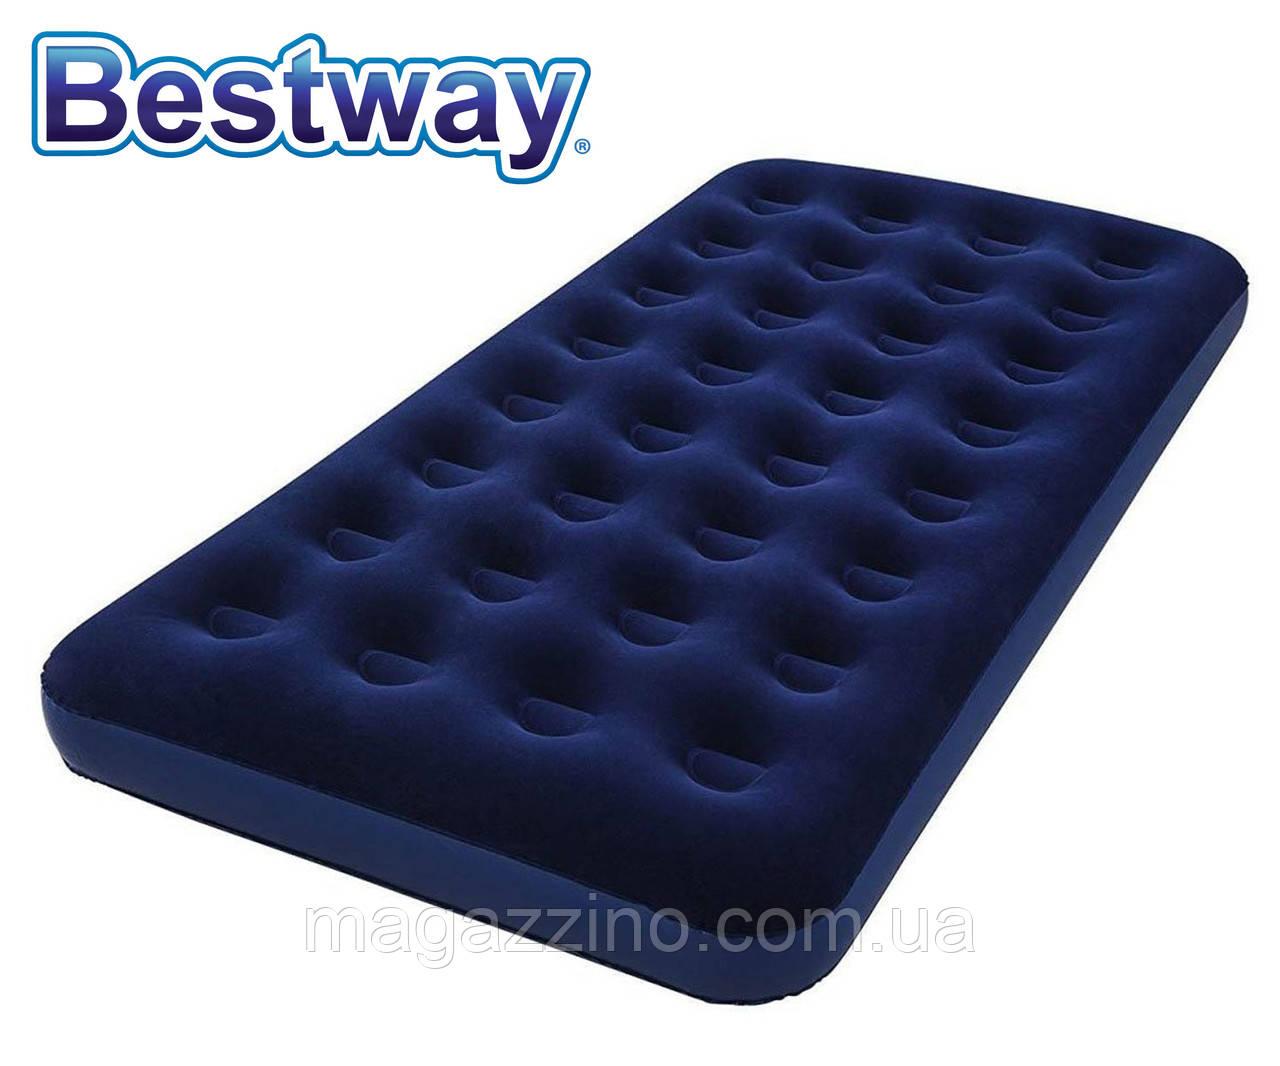 Одномісний надувний матрац Bestway Pavillo з велюровим покриттям, 188x99x22 див.